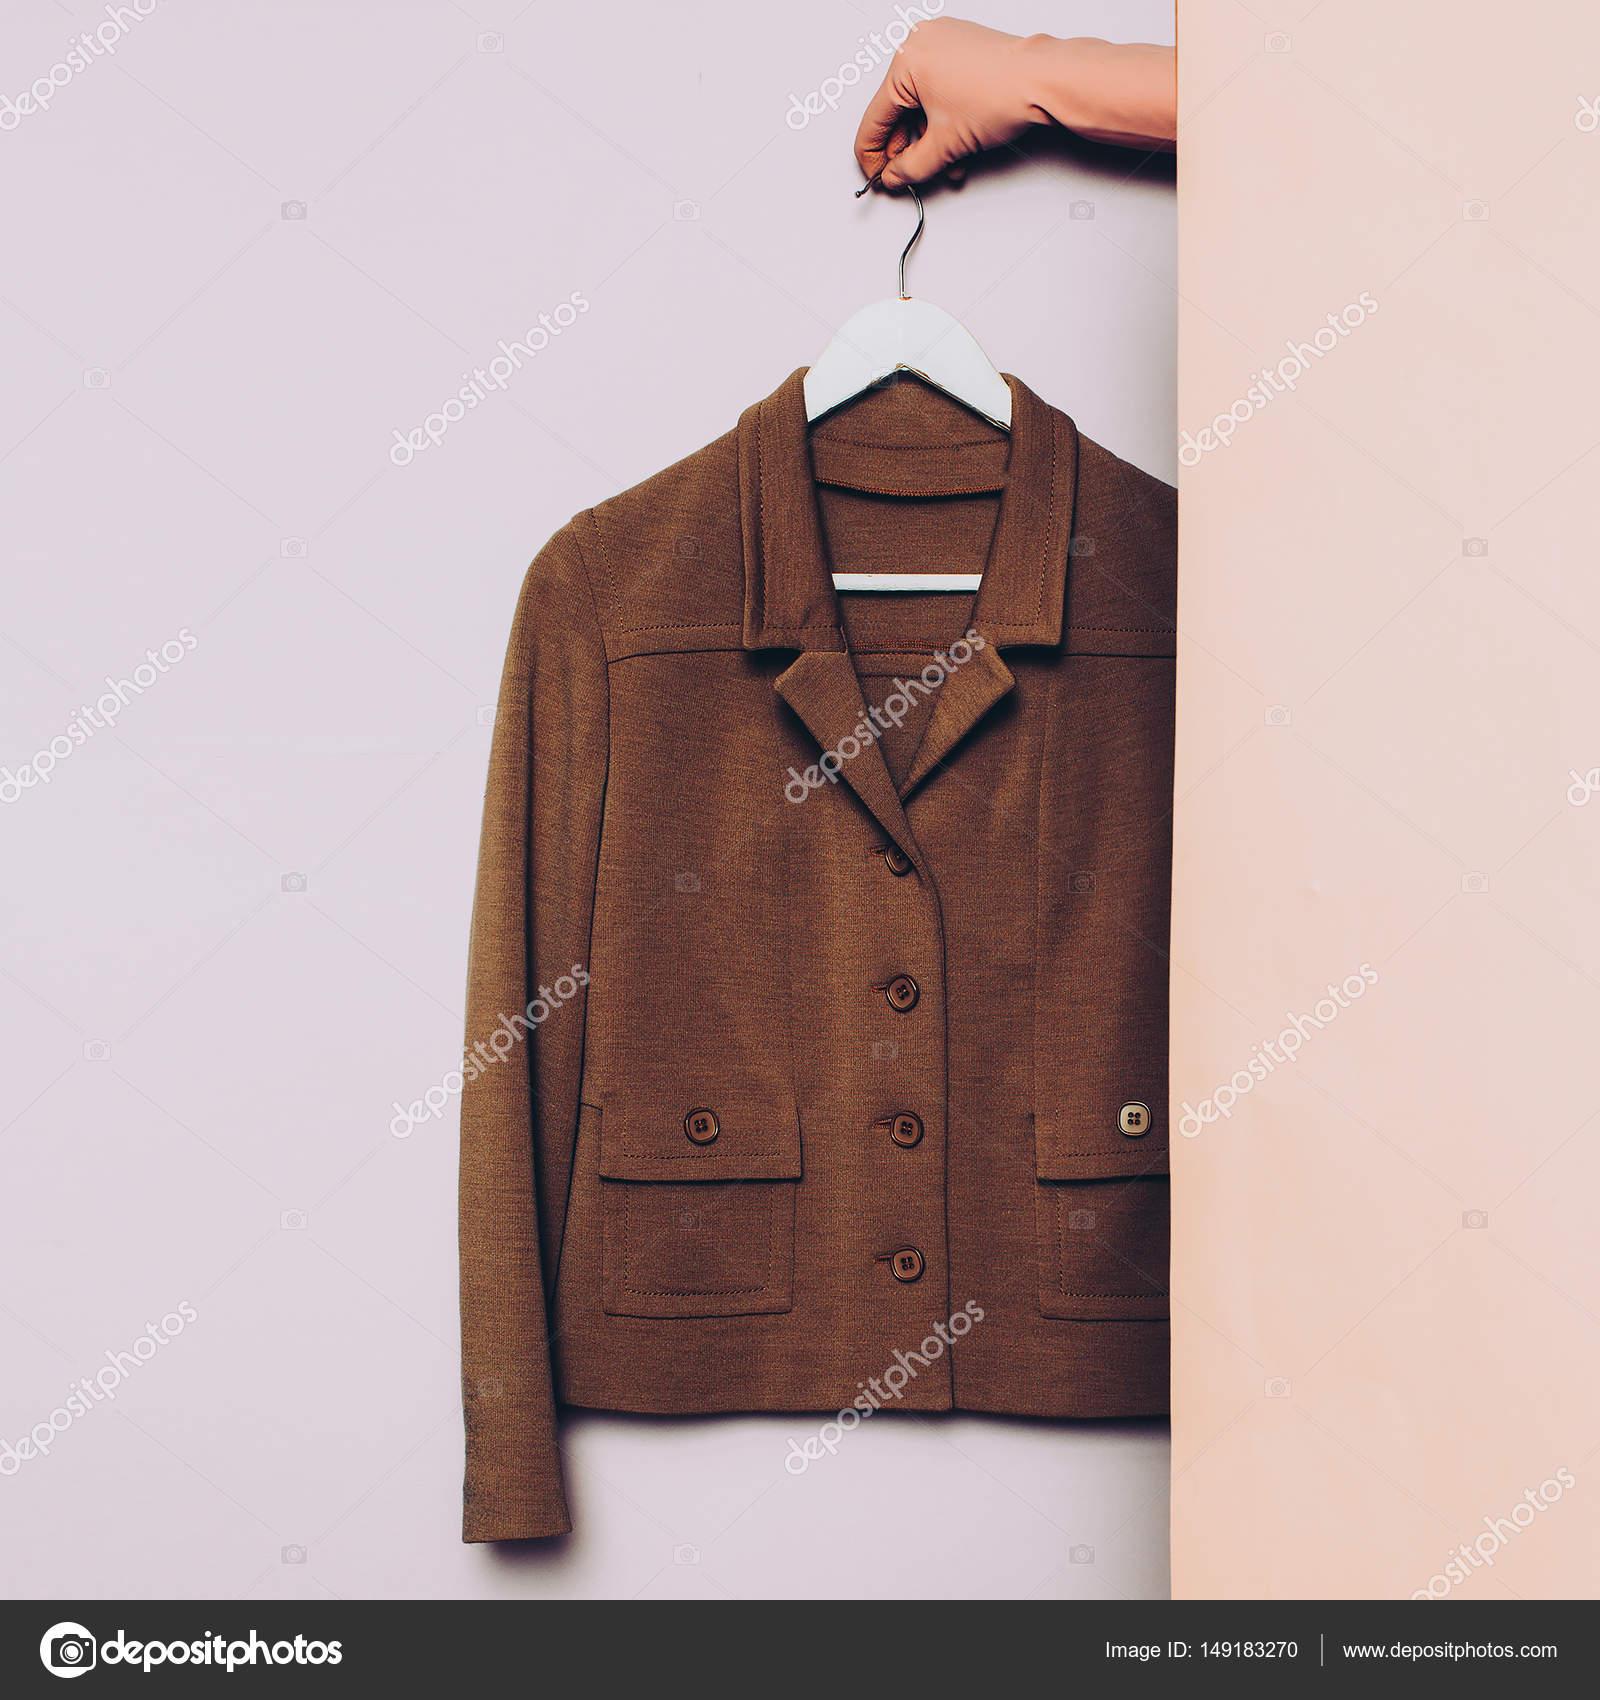 705c1c91a4f08 Roupas elegantes. Vintage jaqueta em um cabide. tren de ideias de ...